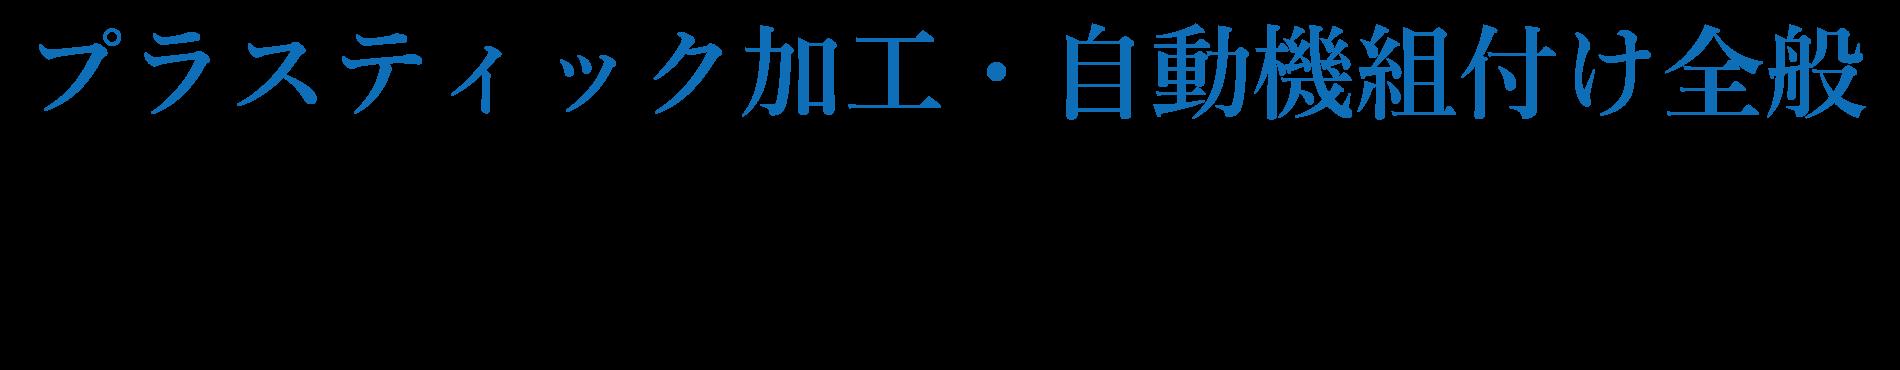 有限会社 中澤製作所